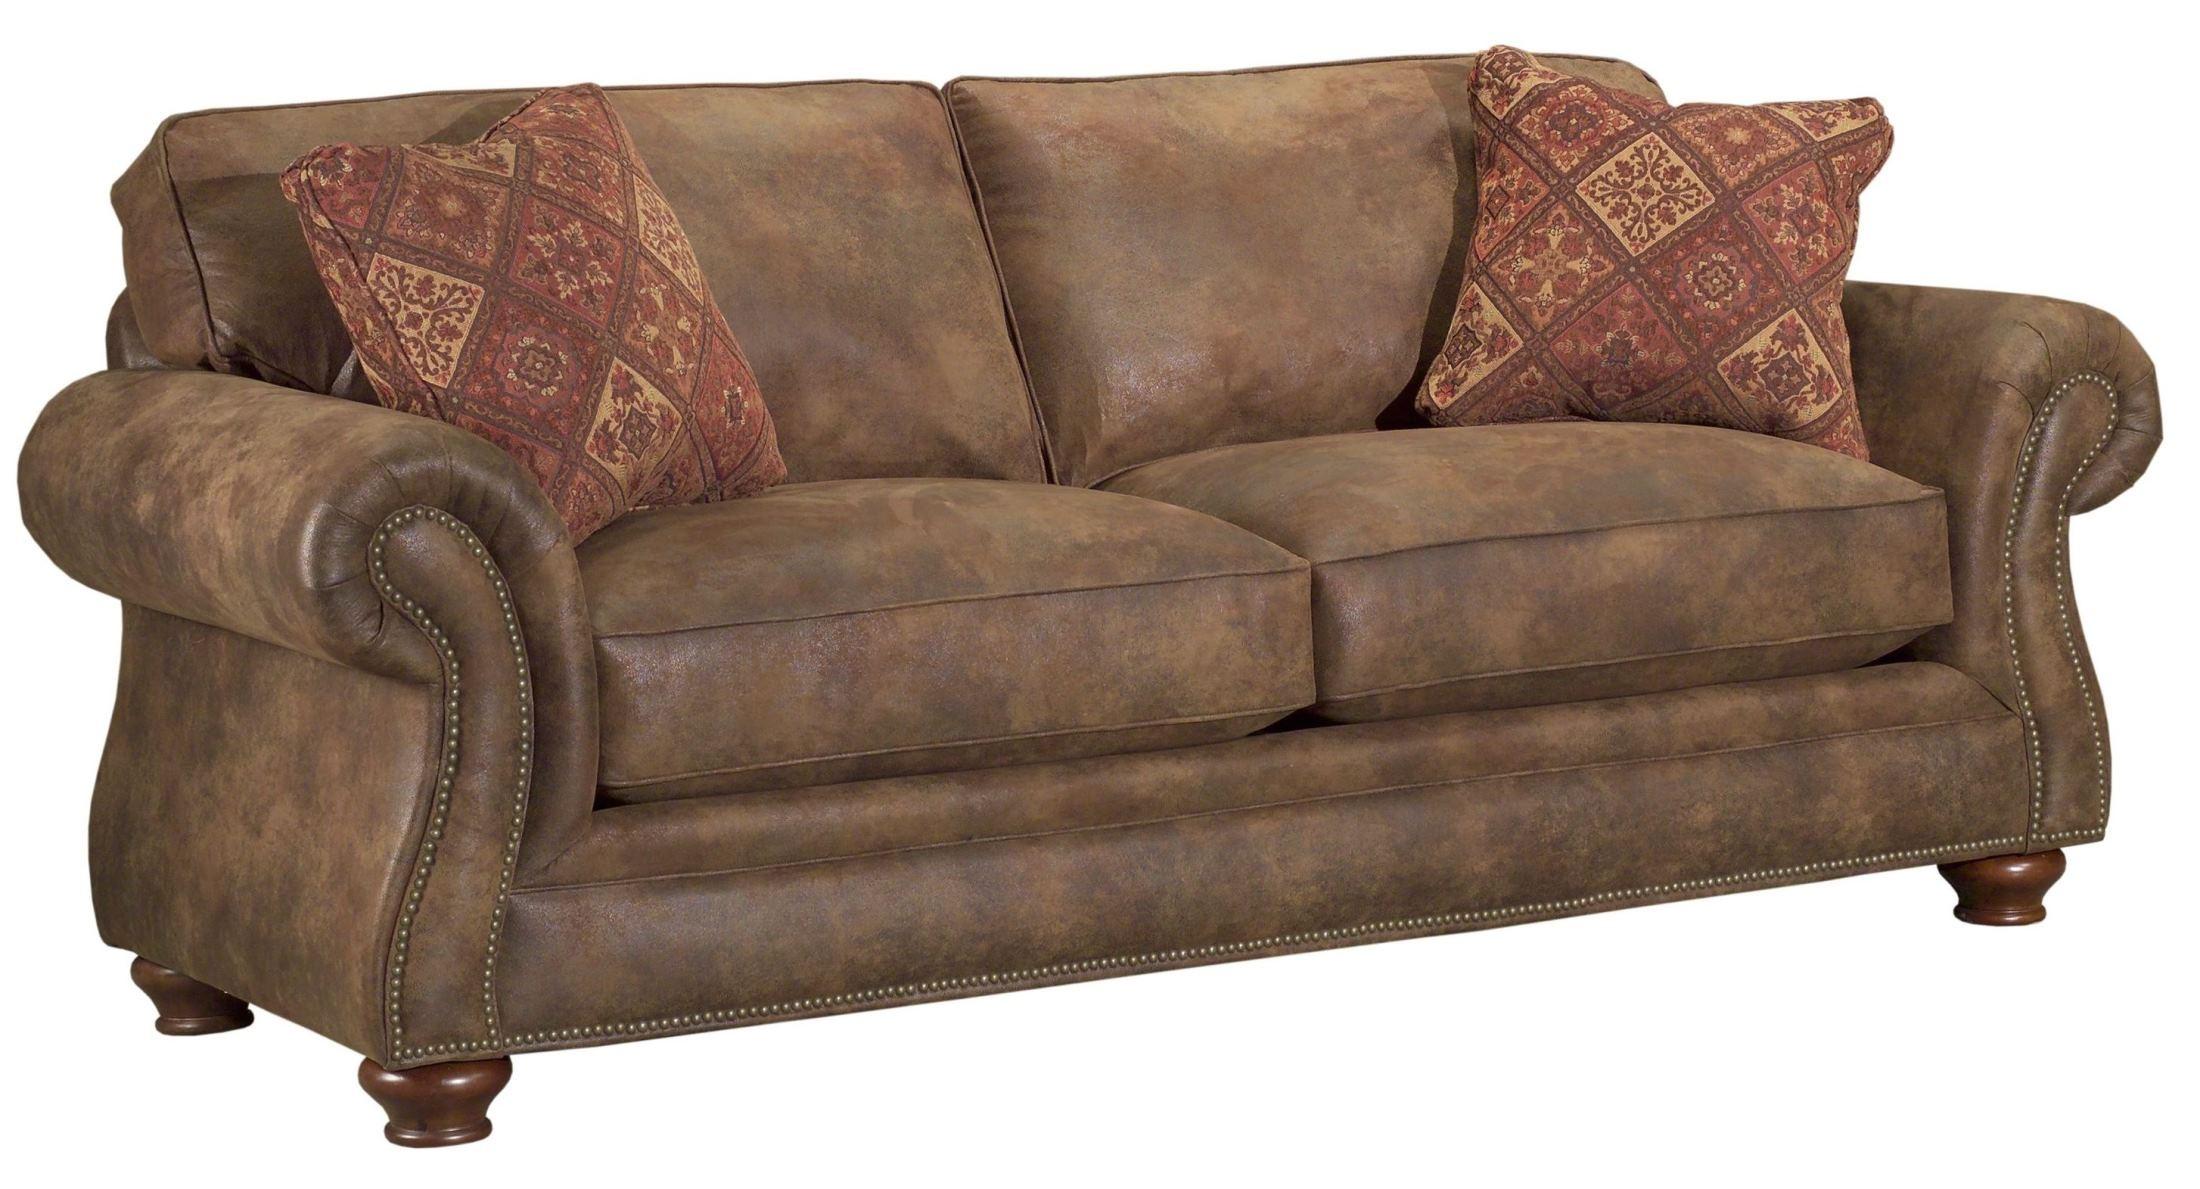 air dream sleeper sofa reviews teak set 5 pc laramie queen with 11 inch mattress